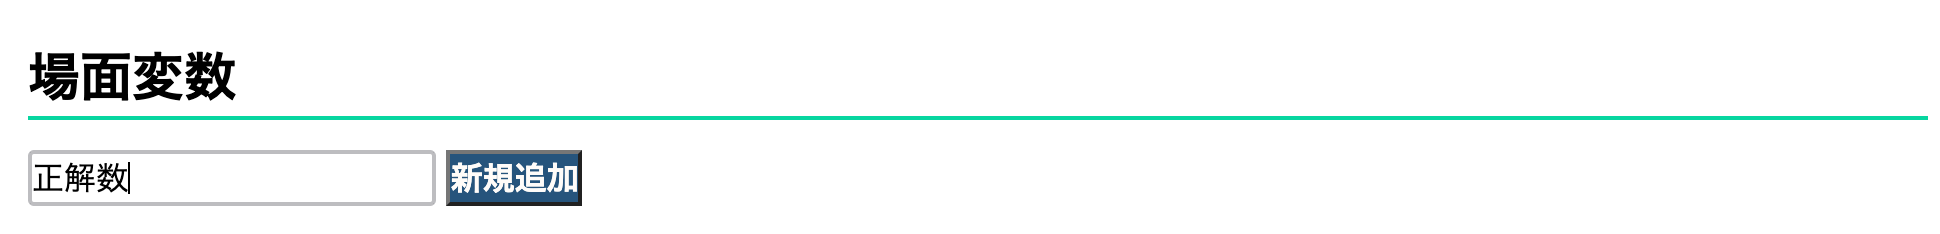 スクリーンショット 2020-06-13 13.46.28.png